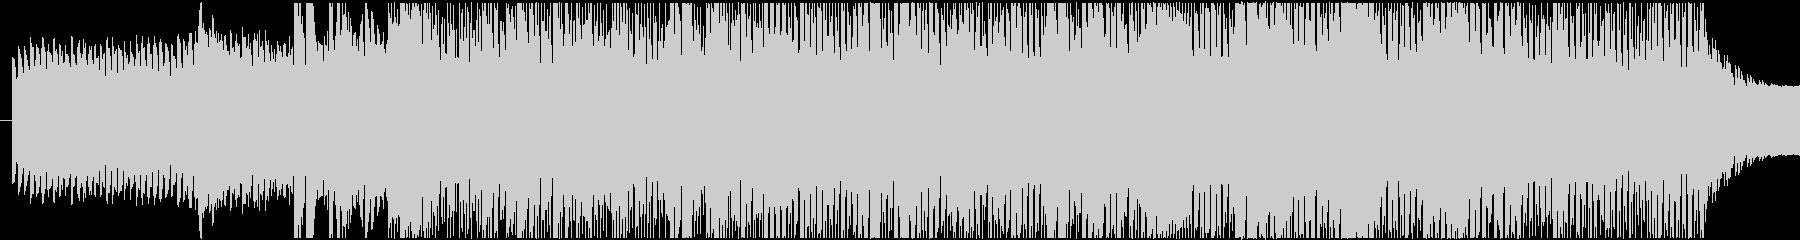 ミステリアスなBGMですの未再生の波形